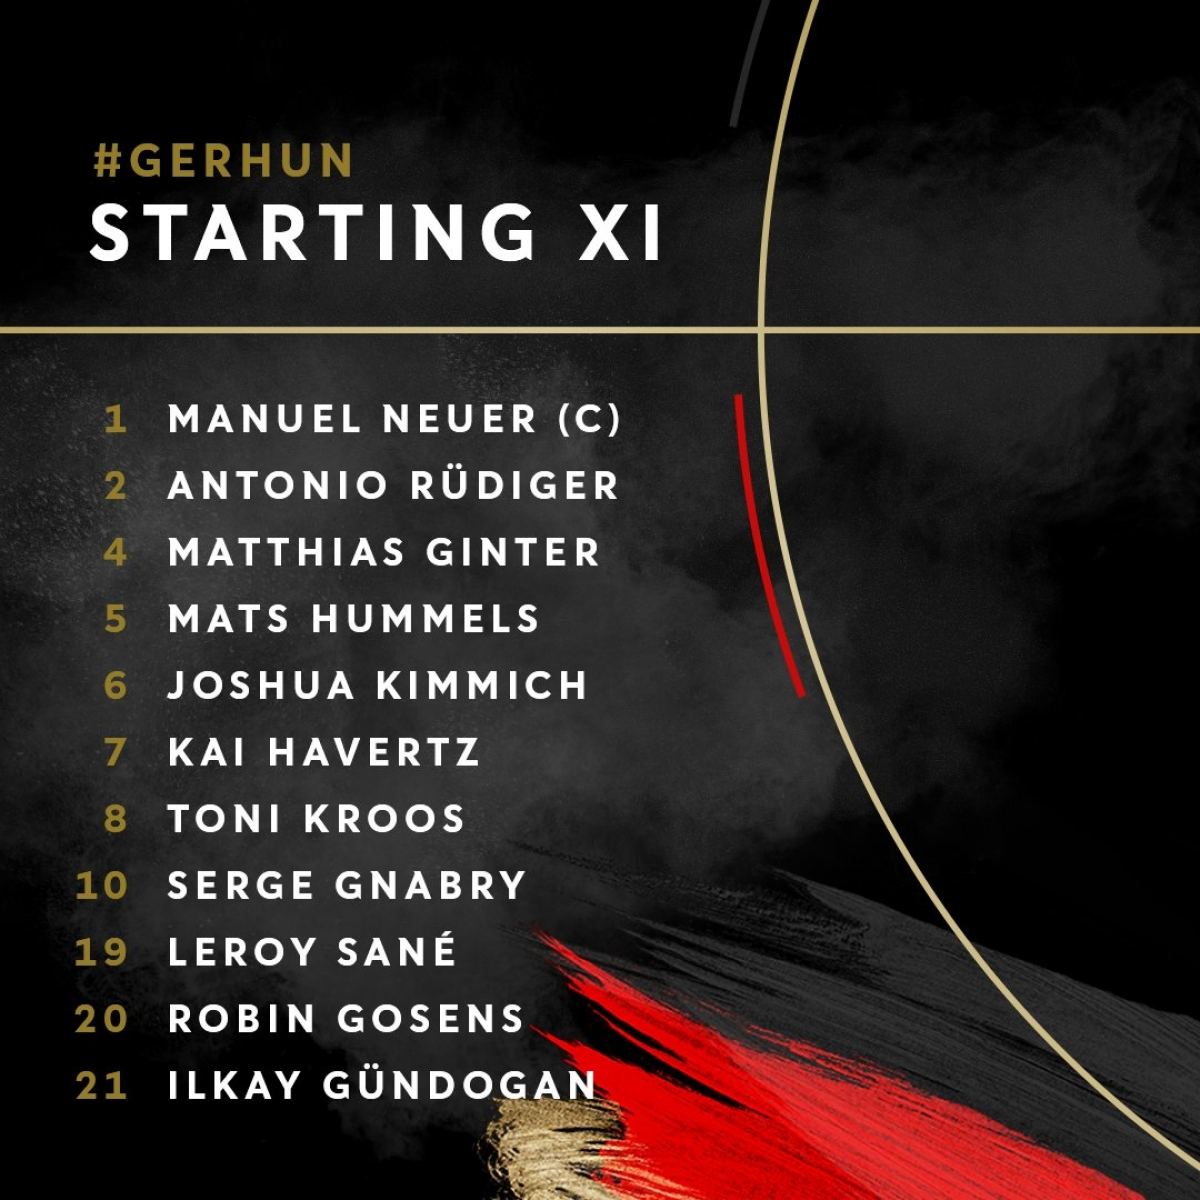 11 cầu thủ đá chính của Đức. (Ảnh: DFB)